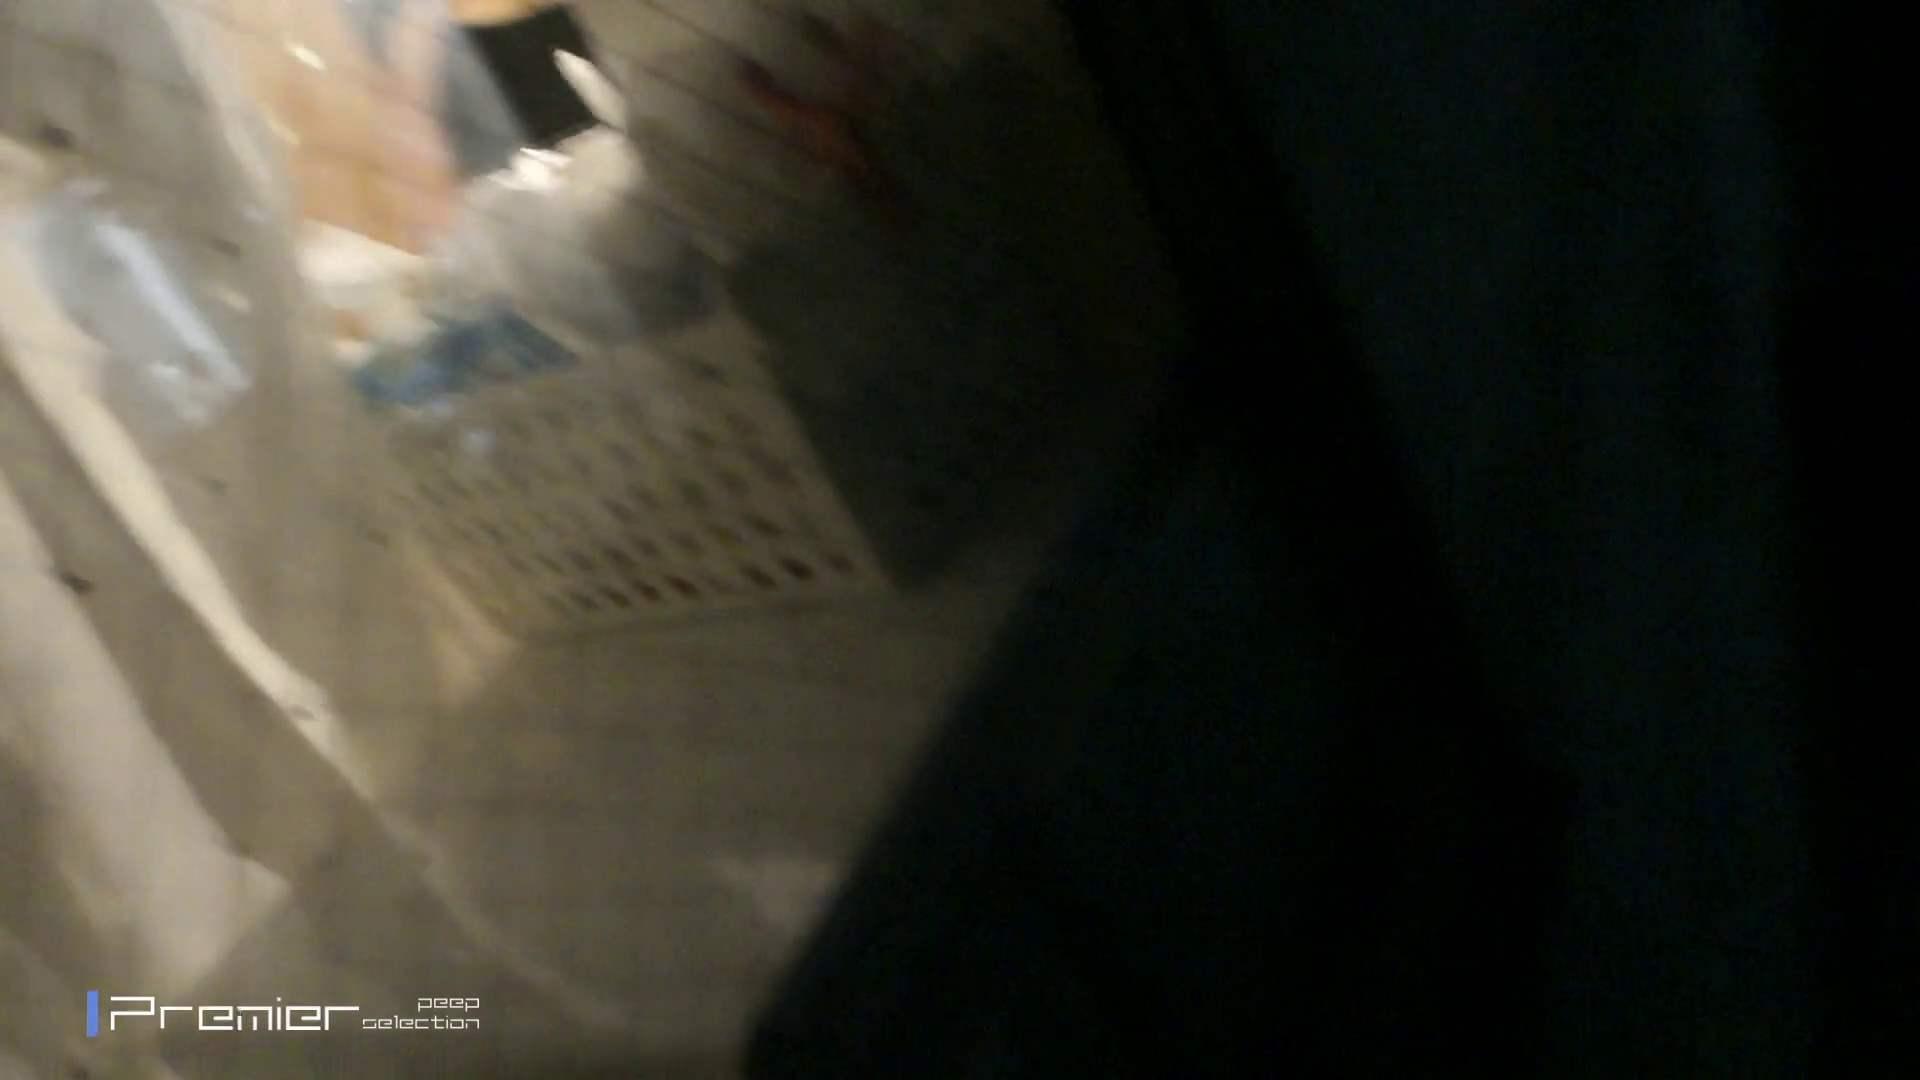 未公開★現役モデルのシャワー  美女達の私生活に潜入! シャワー室 すけべAV動画紹介 108画像 19